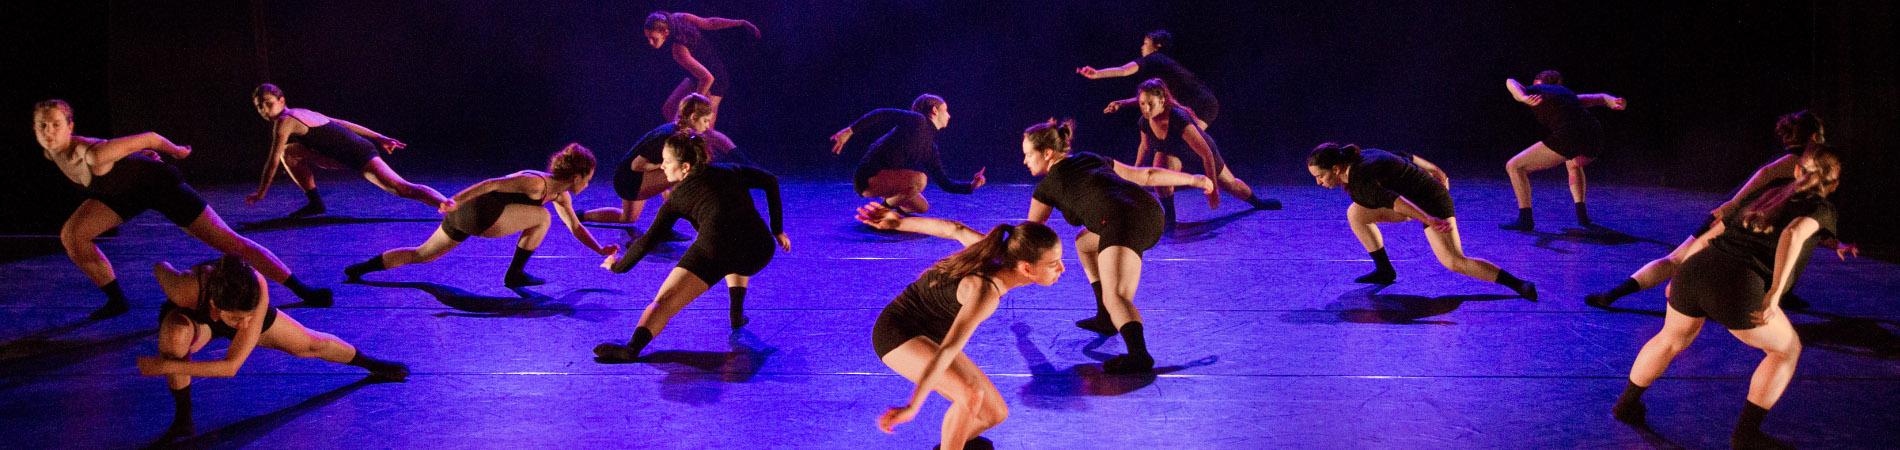 دراسة للقب الثاني بالرقص المعاصر M.Dance